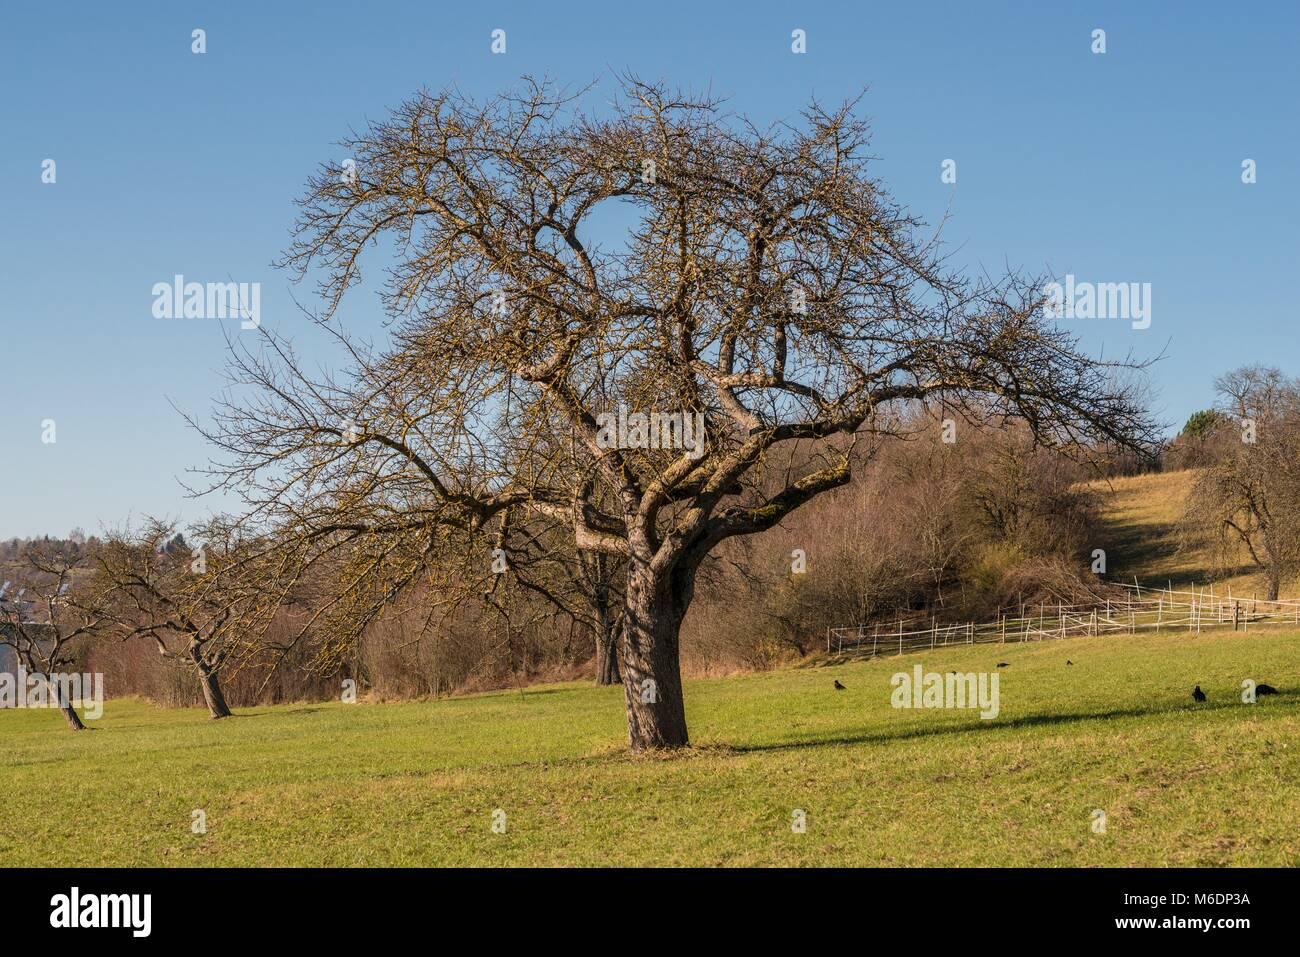 Apple tree en un prado sin manzanas y follaje Imagen De Stock